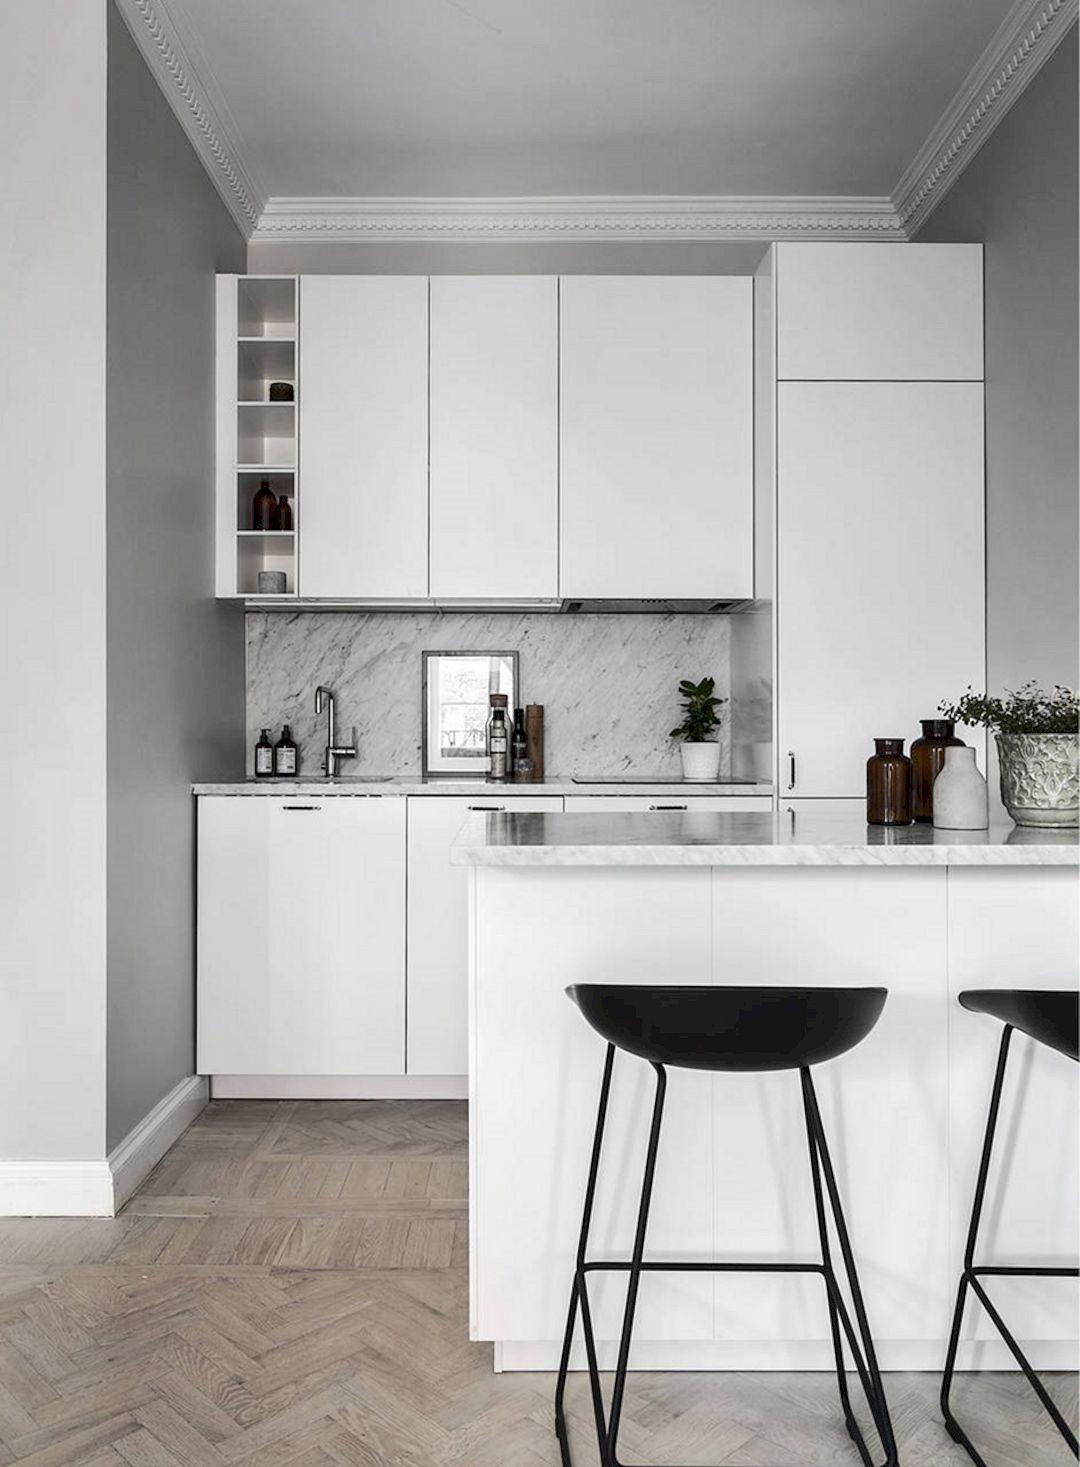 5 Top Small Living Room Furniture Ideas Small Condo Kitchen Scandinavian Kitchen Design Small Apartment Kitchen Decor